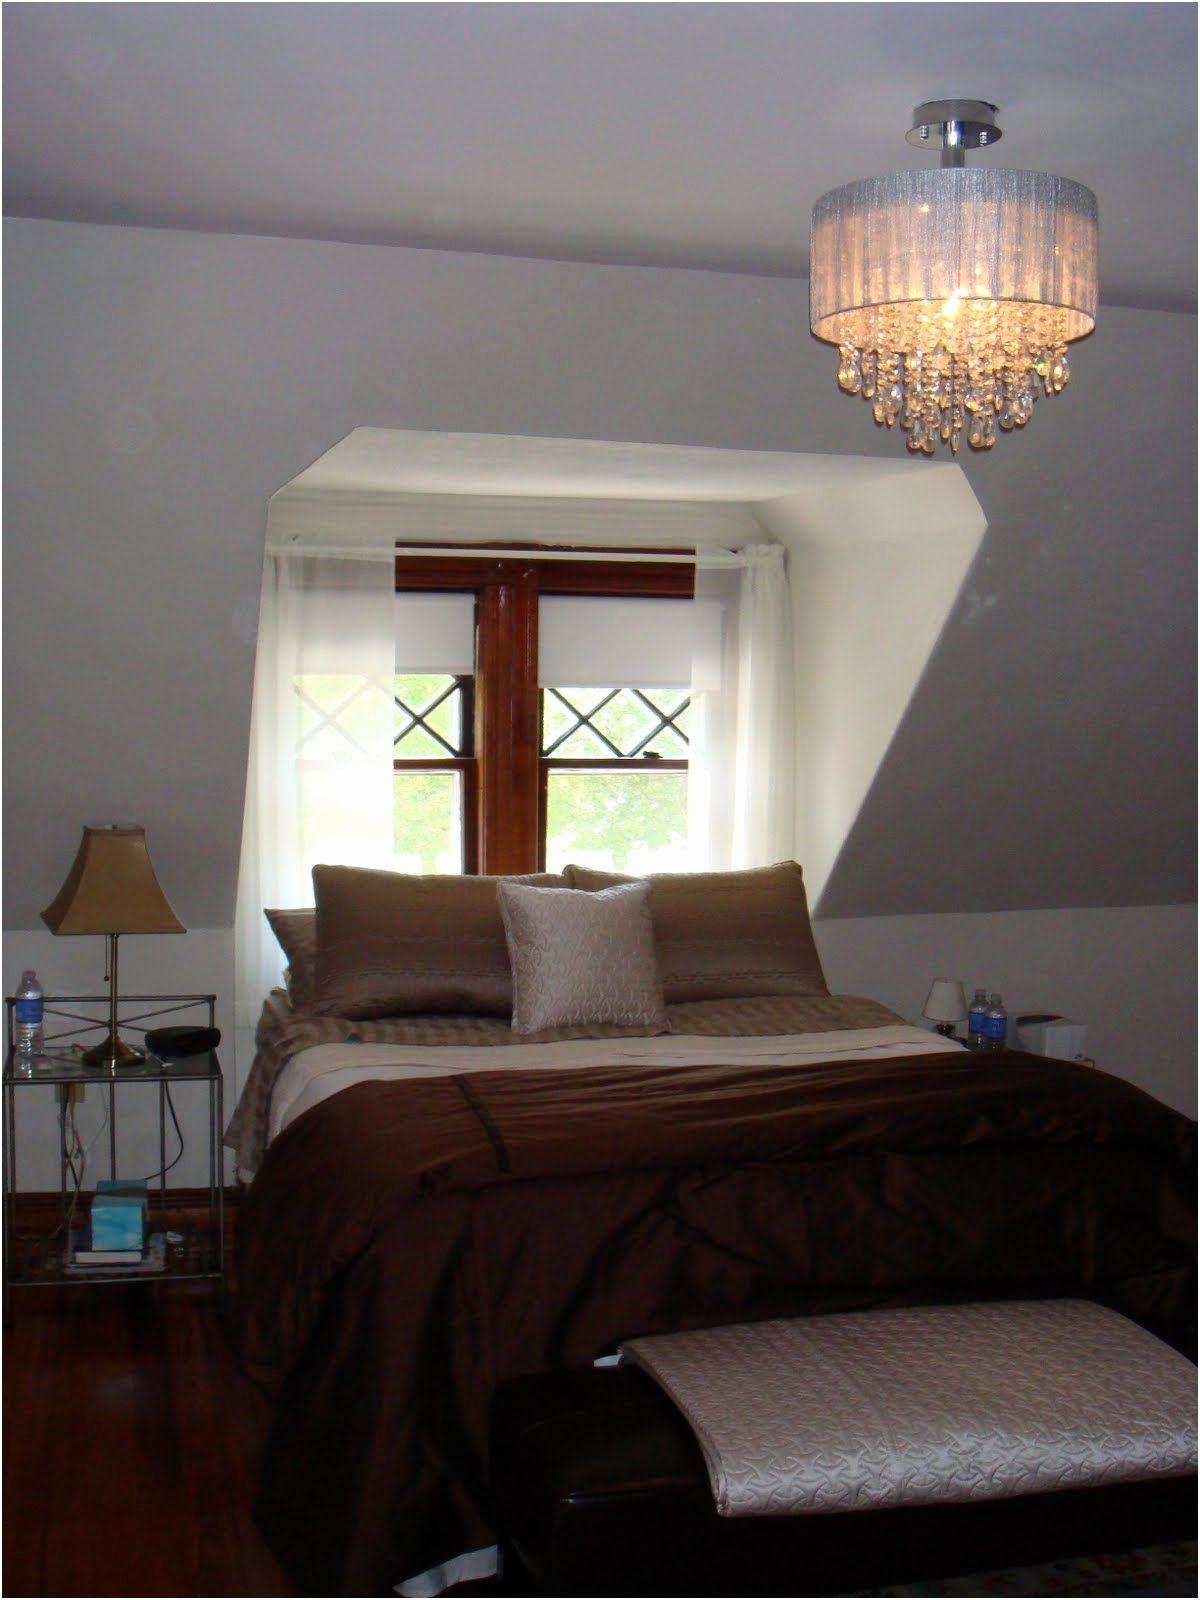 Full Size of Kronleuchter Schlafzimmer Zimmer Deckenleuchten Alle Schwarz Romantische Landhausstil Weiß Betten Deckenleuchte Modern Set Wandtattoo Weißes Schränke Schlafzimmer Kronleuchter Schlafzimmer